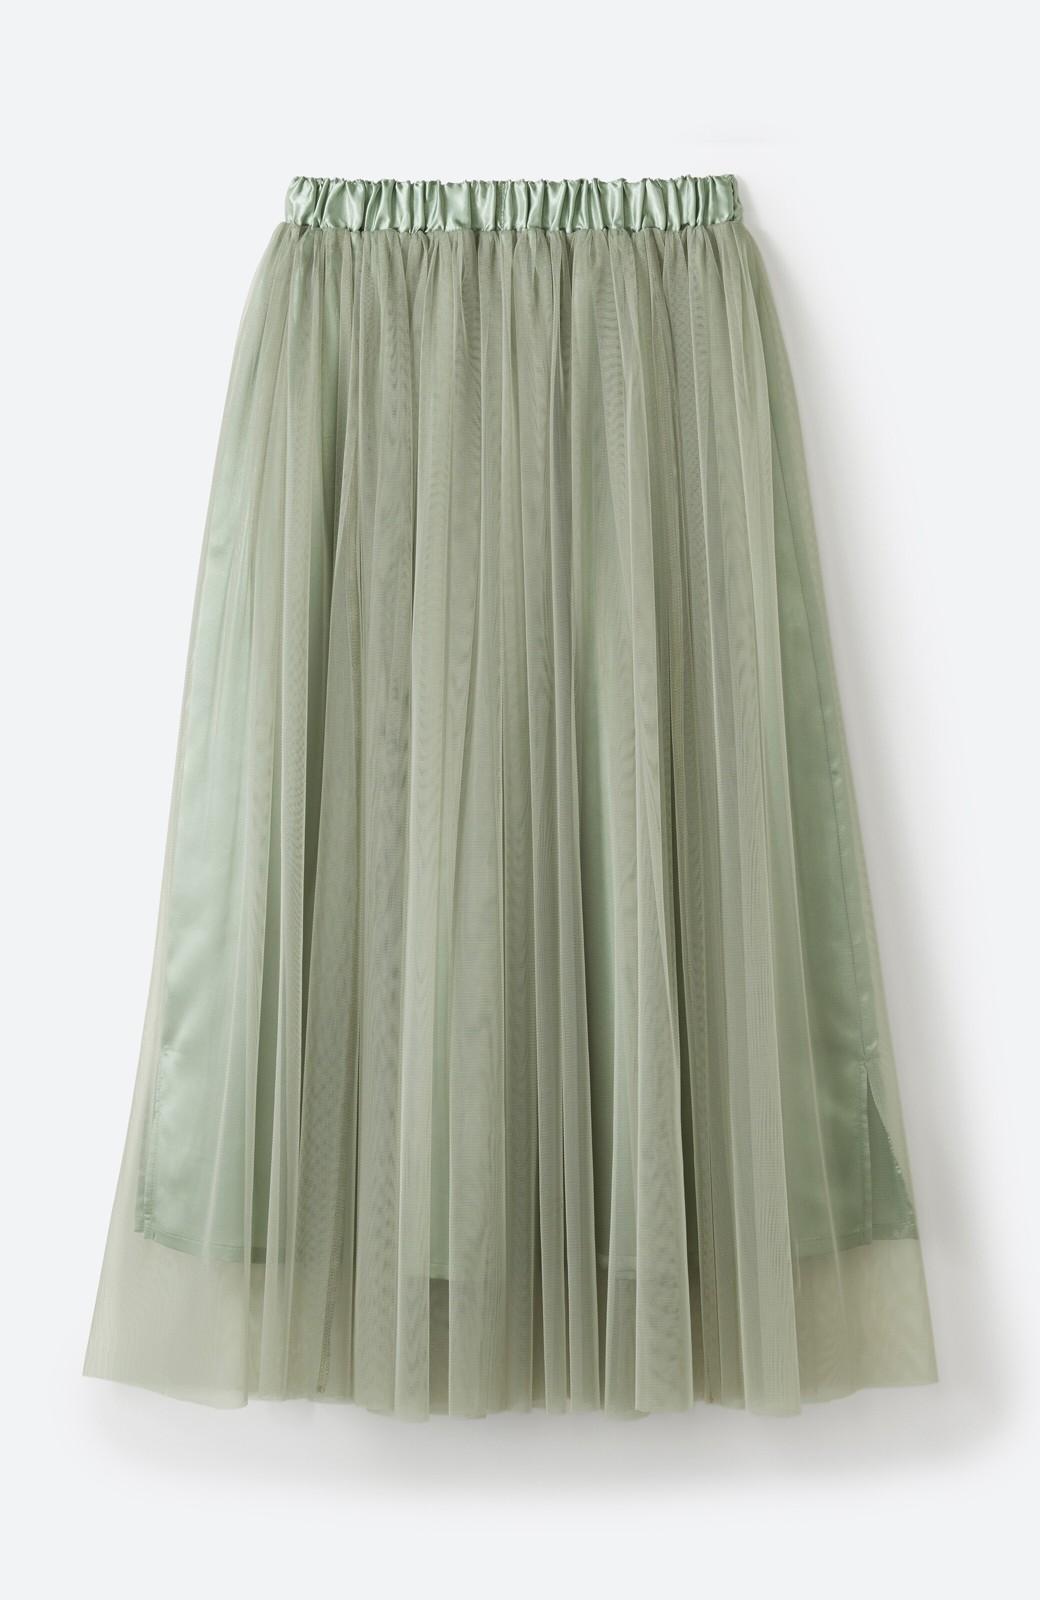 haco! 着るだけでルンとした気分になる! 長ーーい季節着られてずっと使えるオトナのためのチュールスカート <グリーン>の商品写真18